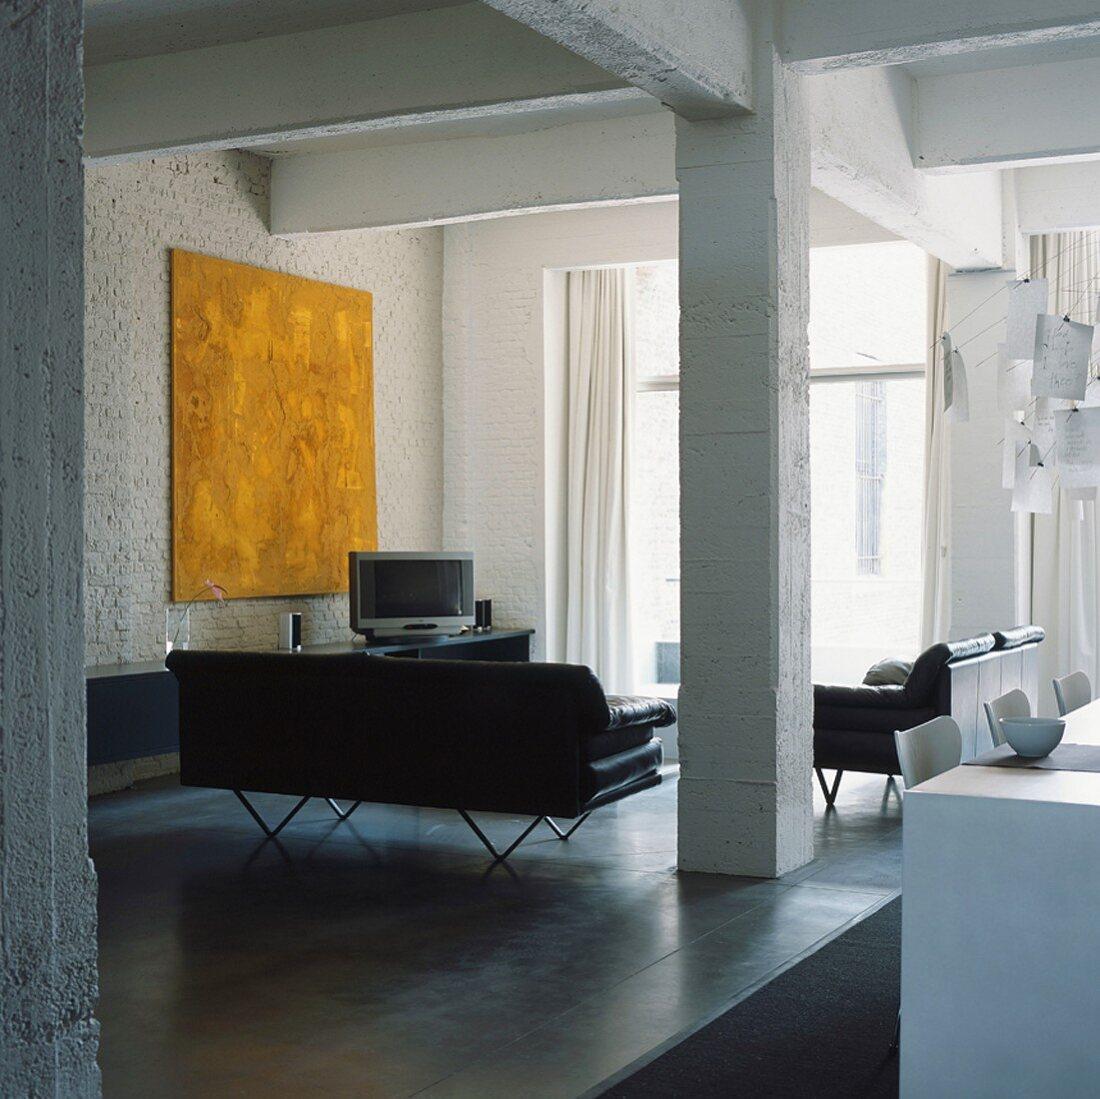 Gelbes Gemälde im modernen Wohnraum eines von Pfeilern getragenen Lofts